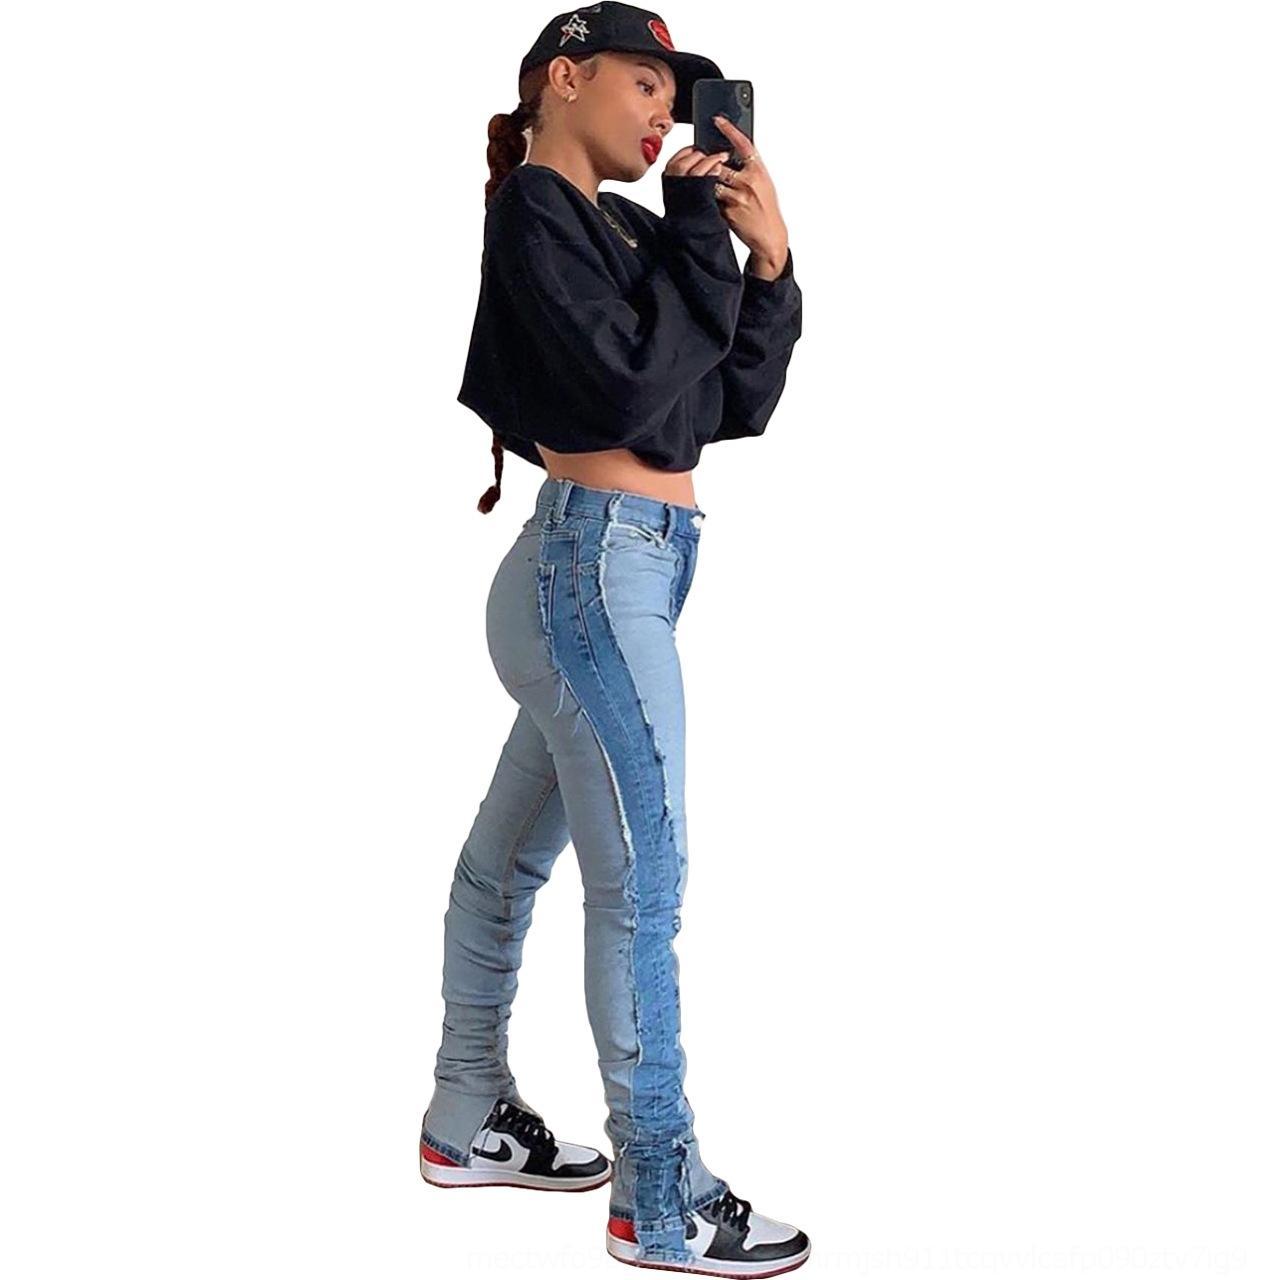 XGPQ JOJO SIWA 3D Pantalon de survêtement imprimé Fashion Casual Jogger Femmes Pantalons Hip Pantalon Slim Kpop Men Streetwear Streetwear Pantalon chaud